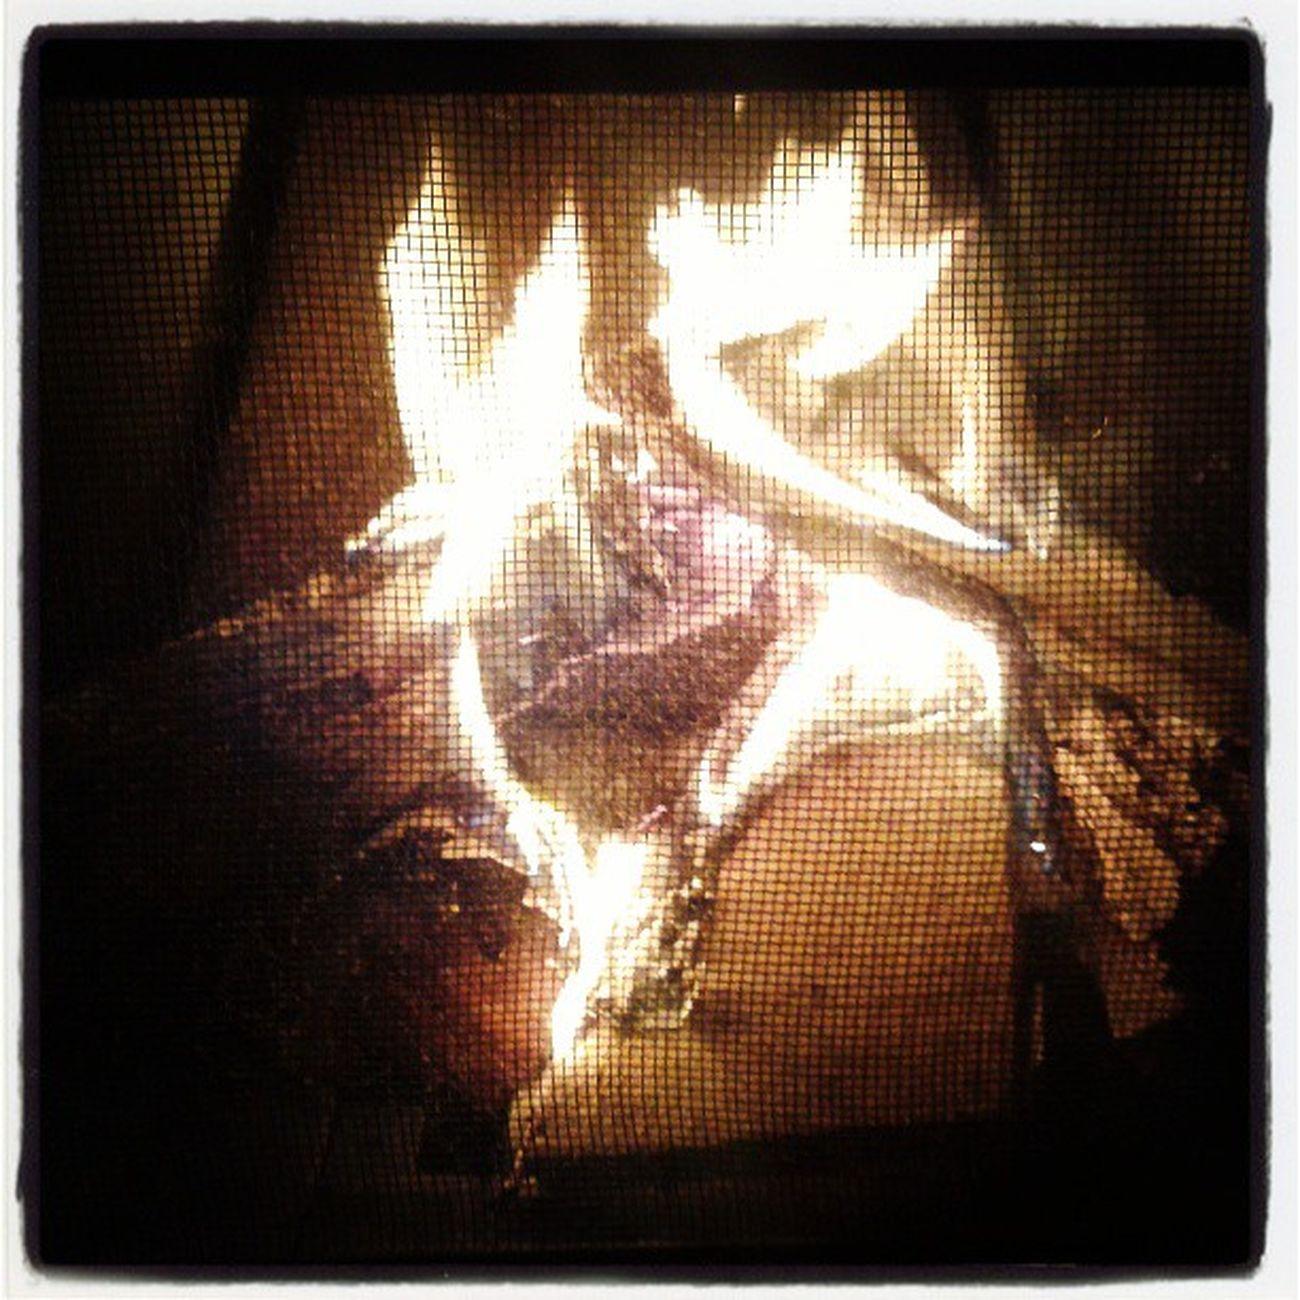 ... me aqueça neste inverno RobertoCarlos Jovemguarda Fire Lareira winter riodejaneiro brazilingram brasil ... e q tudo mais...